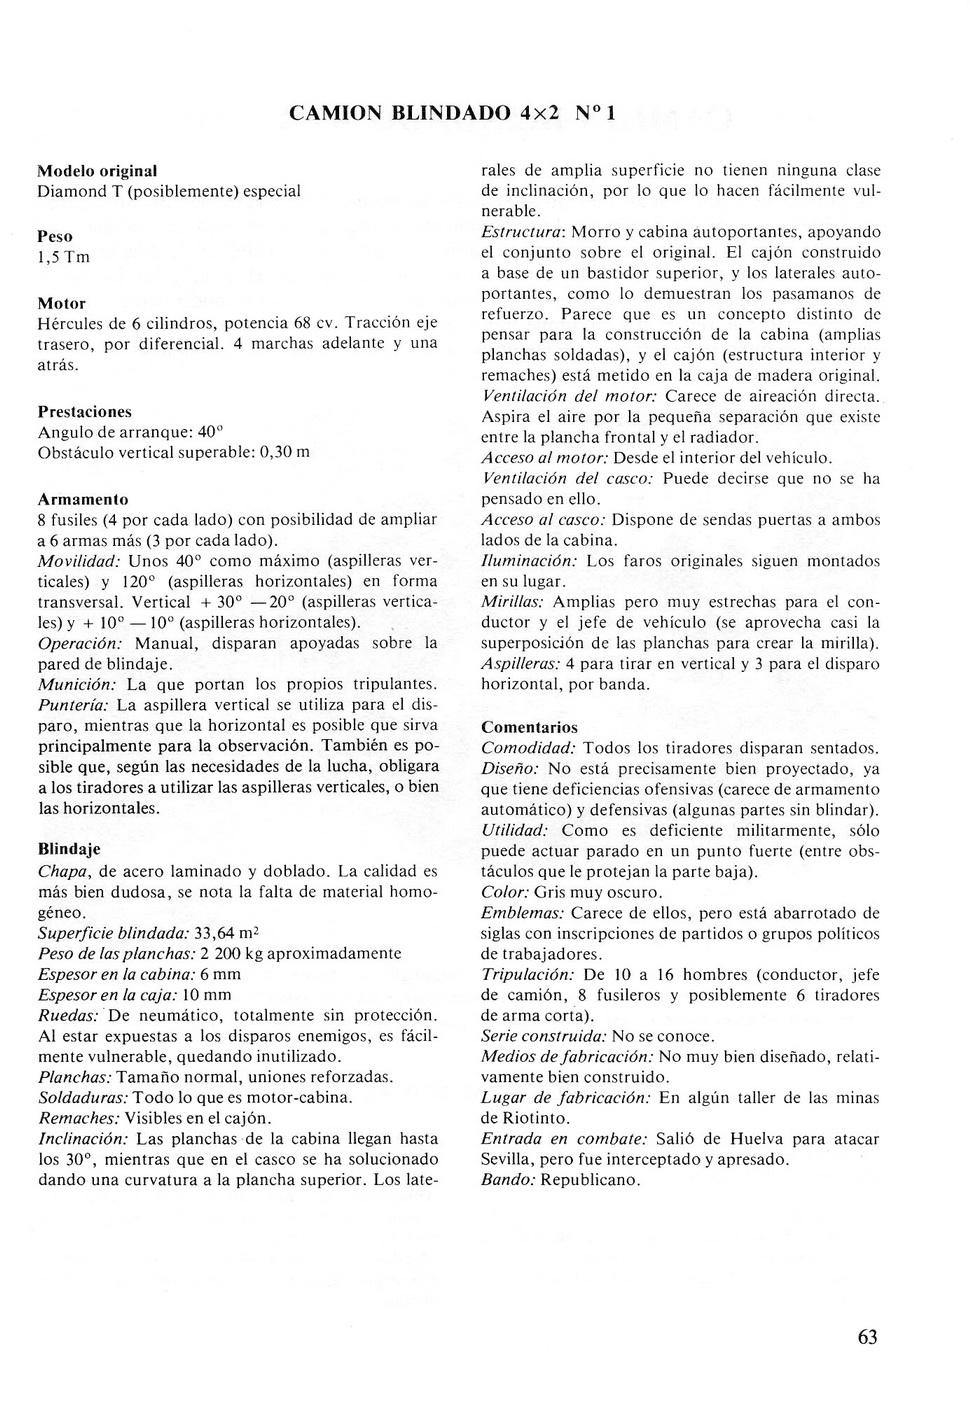 Carros De Combate Y Vehiculos Blindados De La Guerra 1936 1939 [F.C.Albert 1980]_Страница_061.jpg